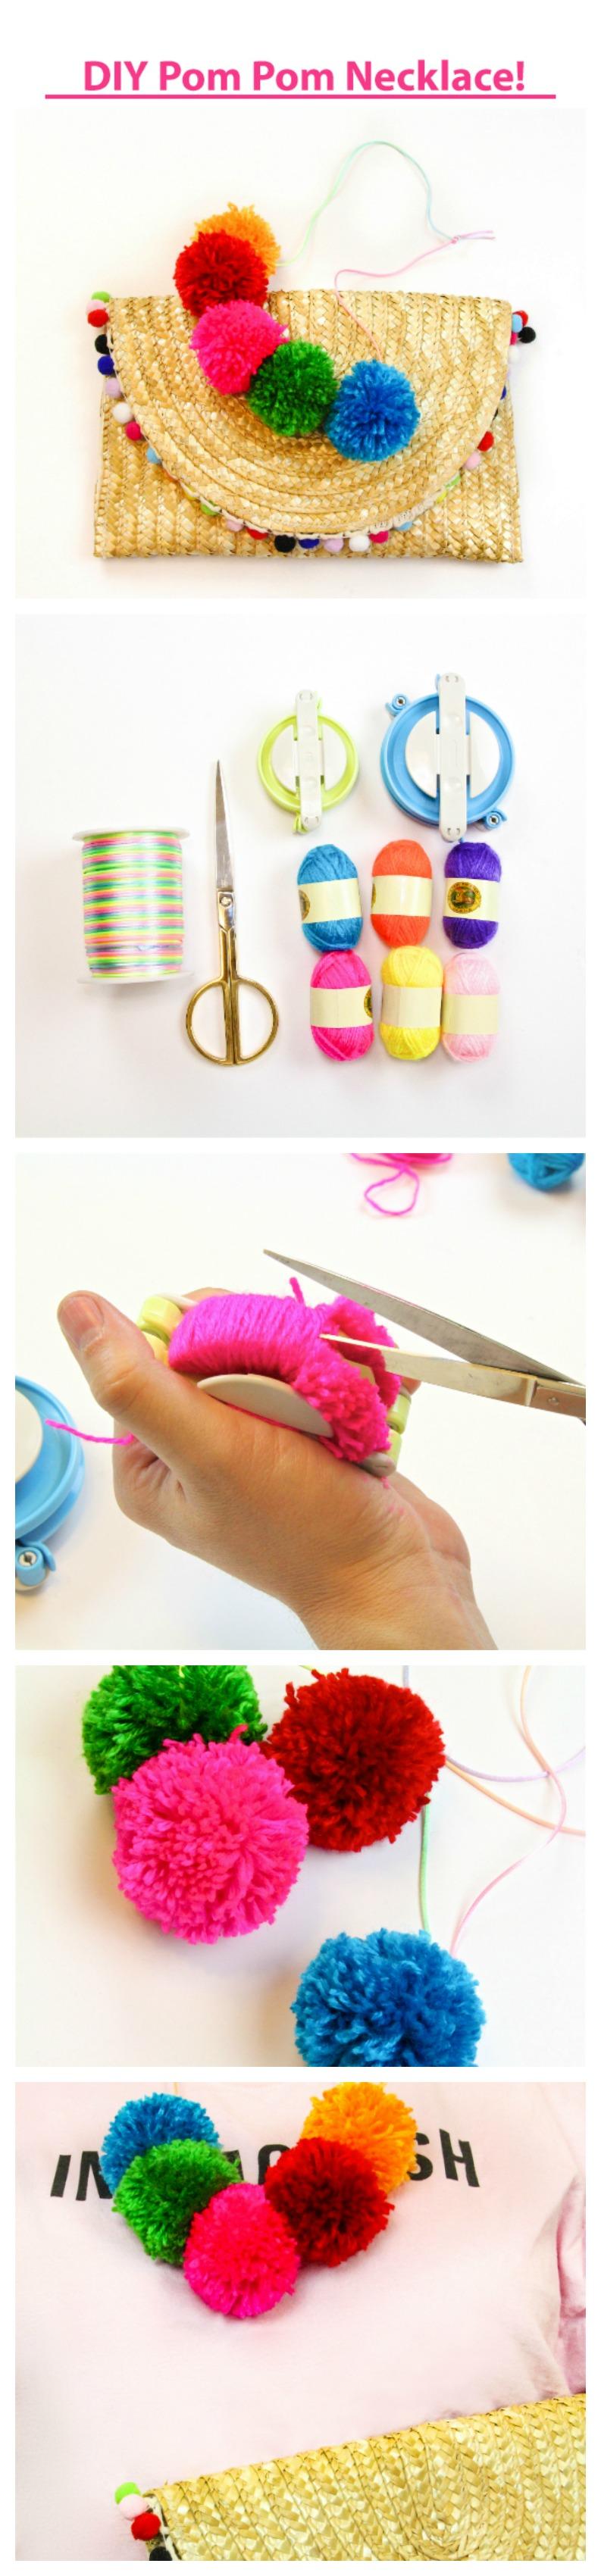 48+ Pom pom crafts for adults info